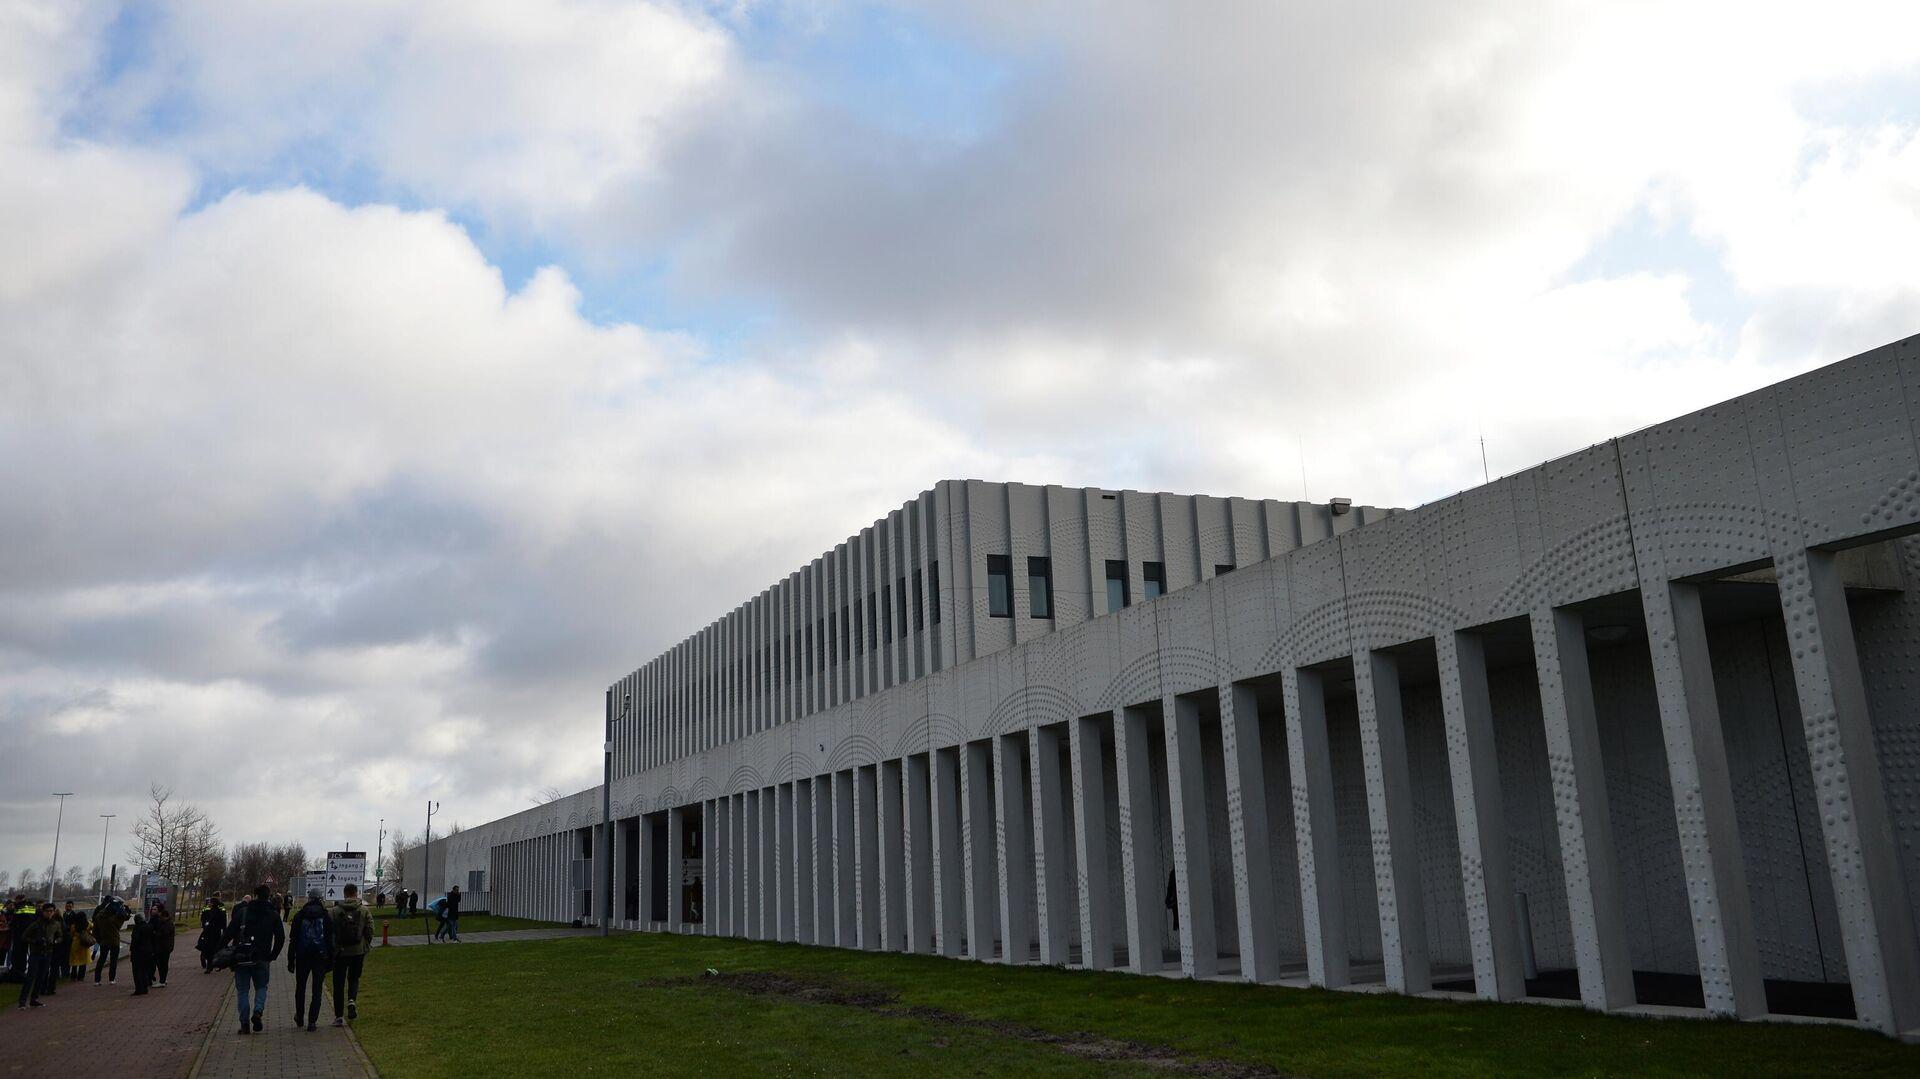 Здание комплекса правосудия Схипхол в нидерландском Бадхоеведорпе, где состоялось суд по делу о крушении самолета Boeing 777 рейса MH17 - РИА Новости, 1920, 05.11.2020